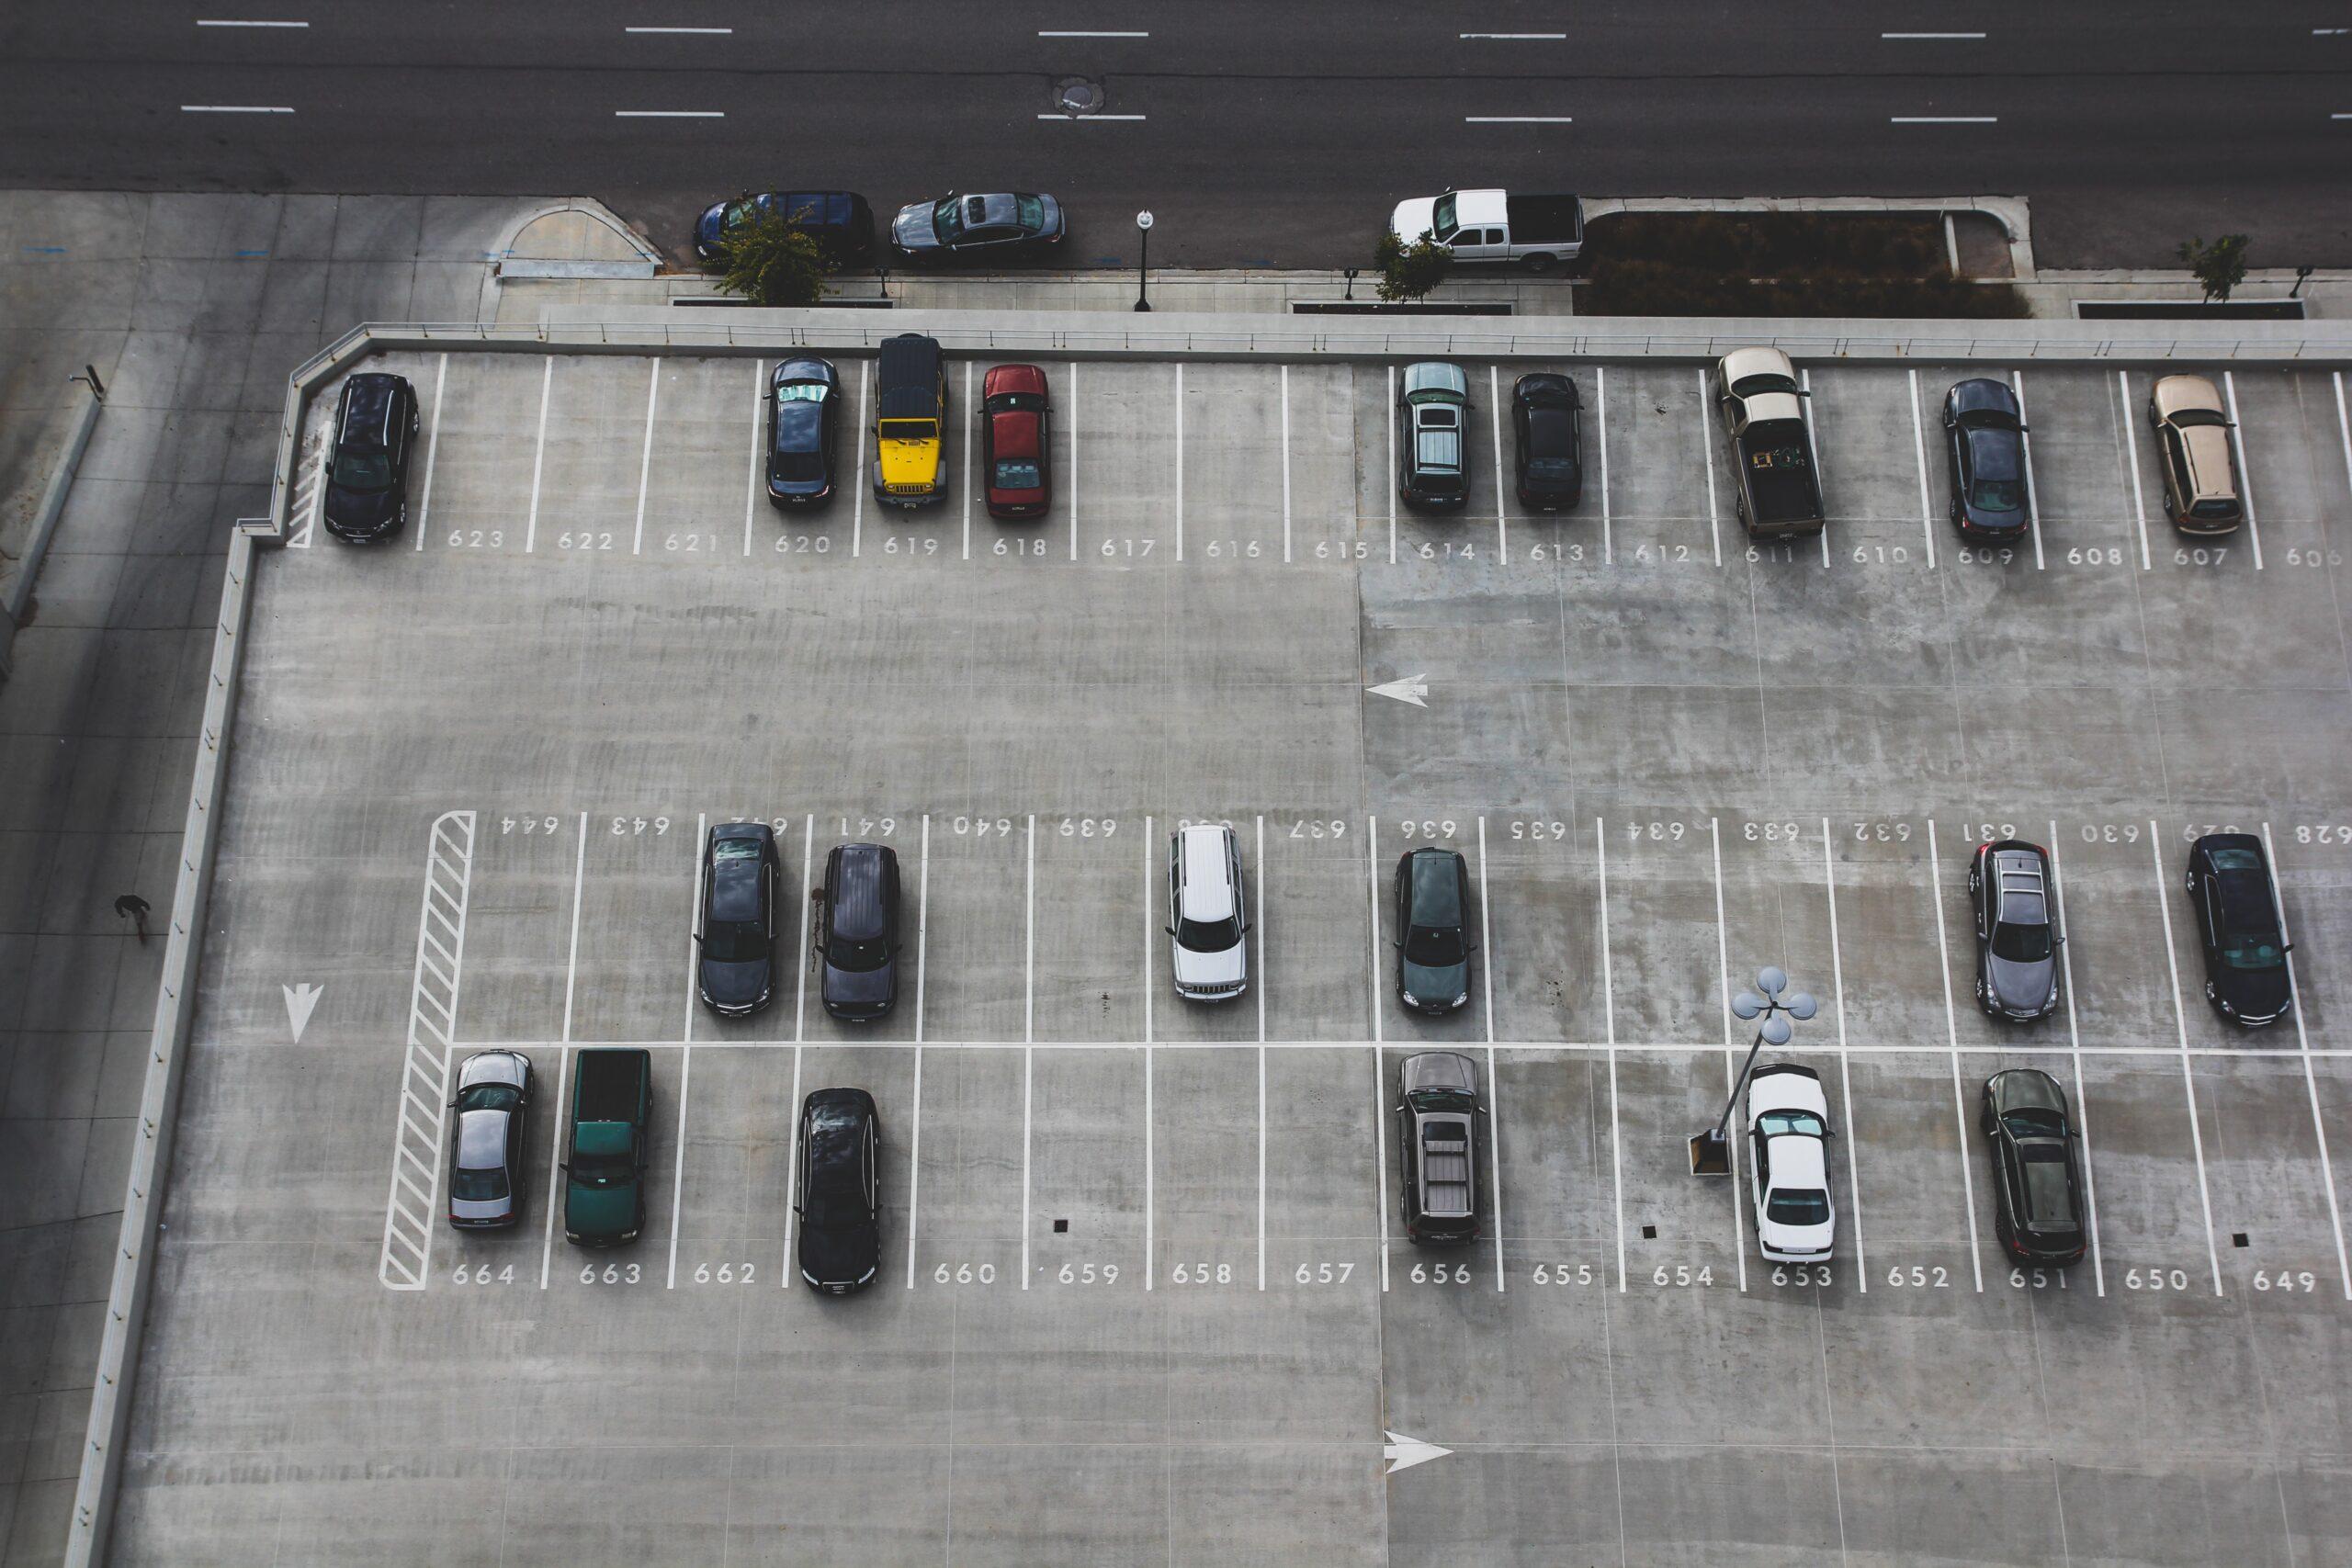 https://tylkoslask.pl/wyzwanie-parkowanie-czyli-walka-z-nielegalnym-parkowaniem-w-katowicach/